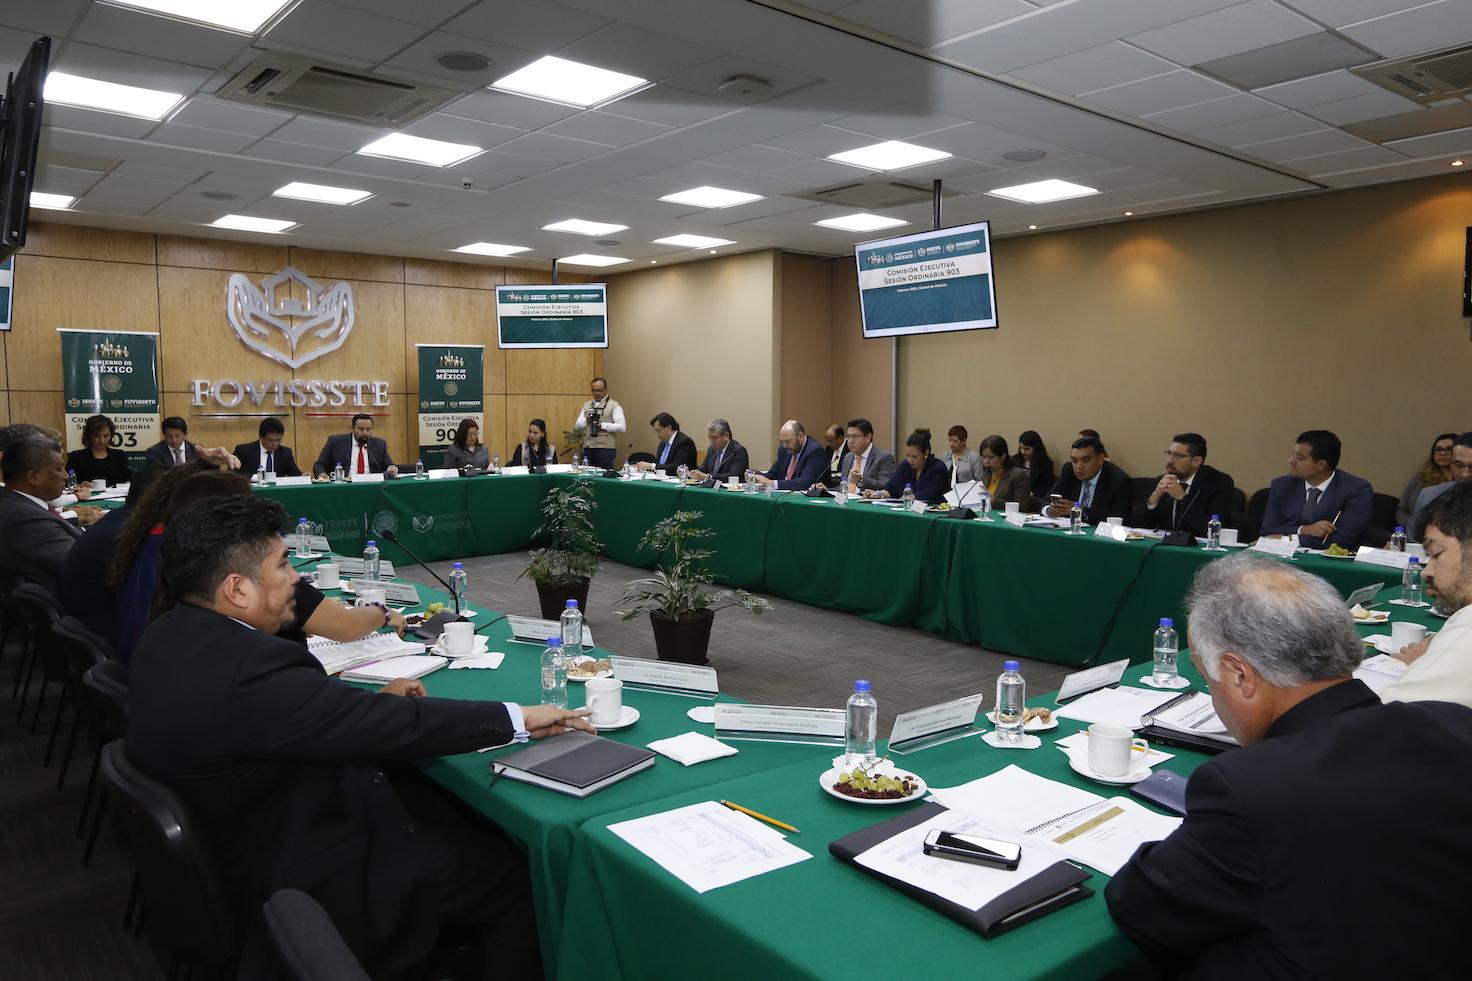 Realiza FOVISSSTE sesión ordinaria 903 de la Comisión Ejecutiva | Fondo de  la Vivienda del Instituto de Seguridad y Servicios Sociales de los  Trabajadores del Estado | Gobierno | gob.mx